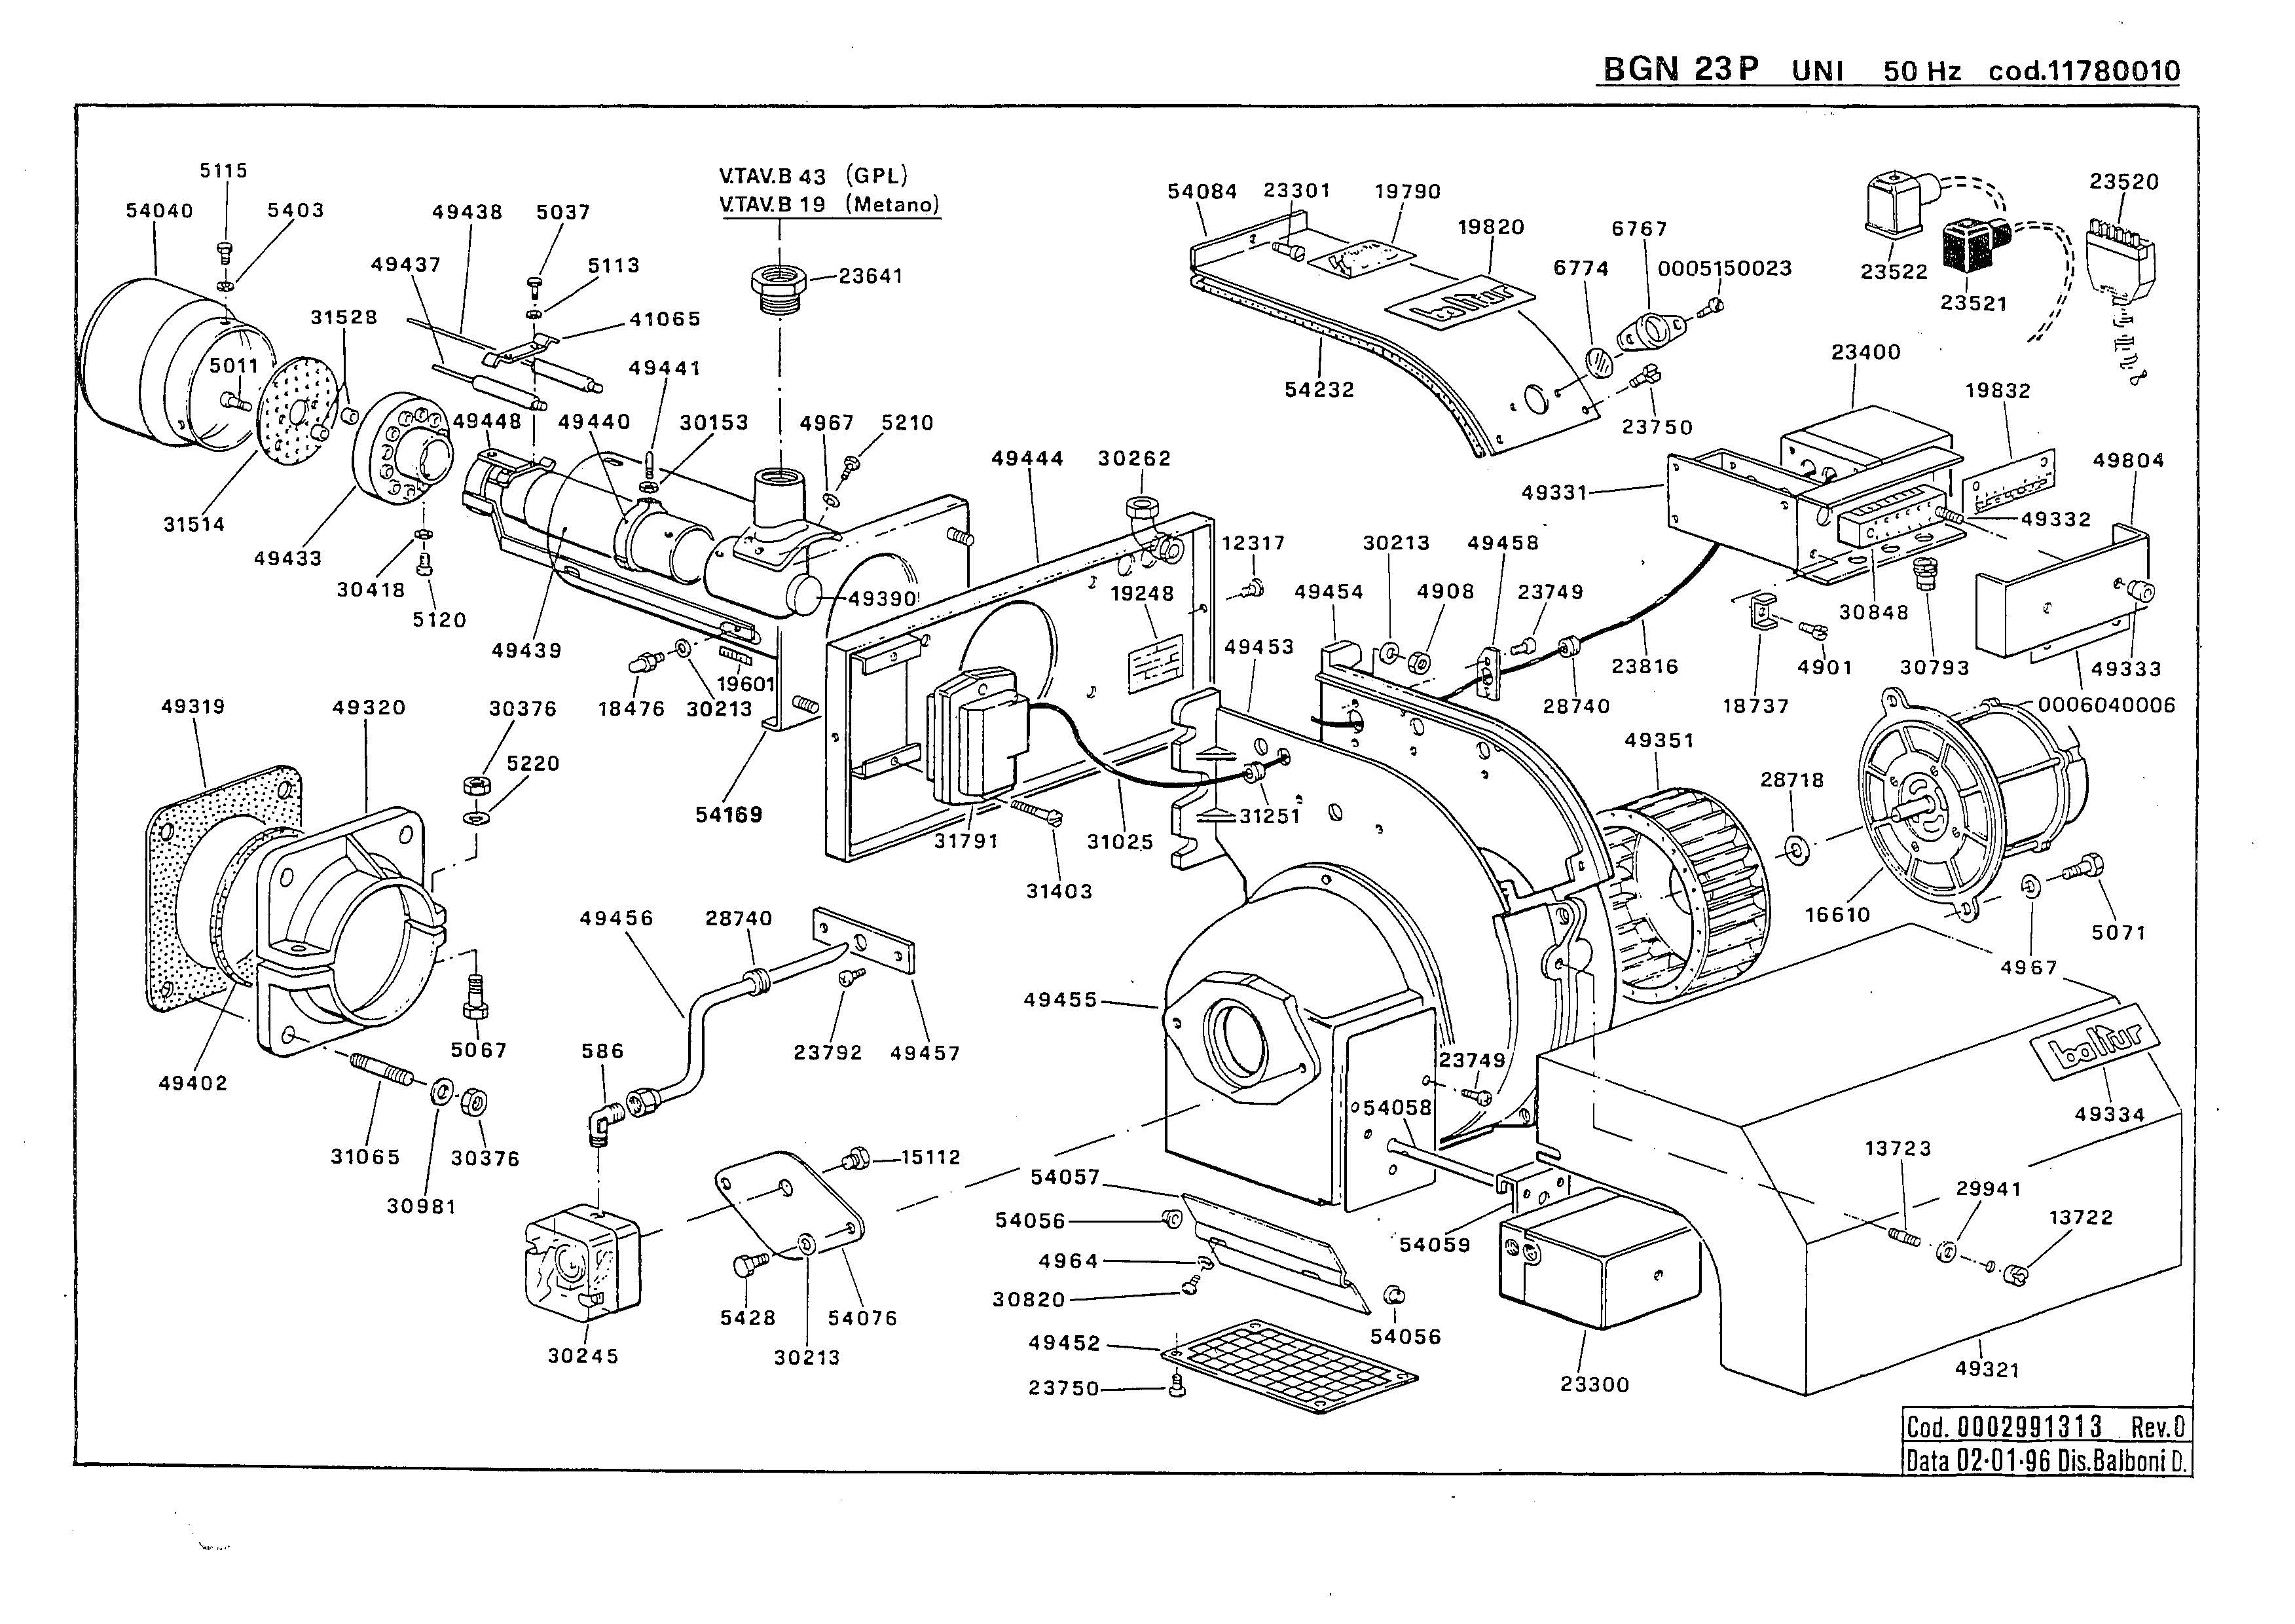 BGN 23 P UNI 11780010 0 19960102